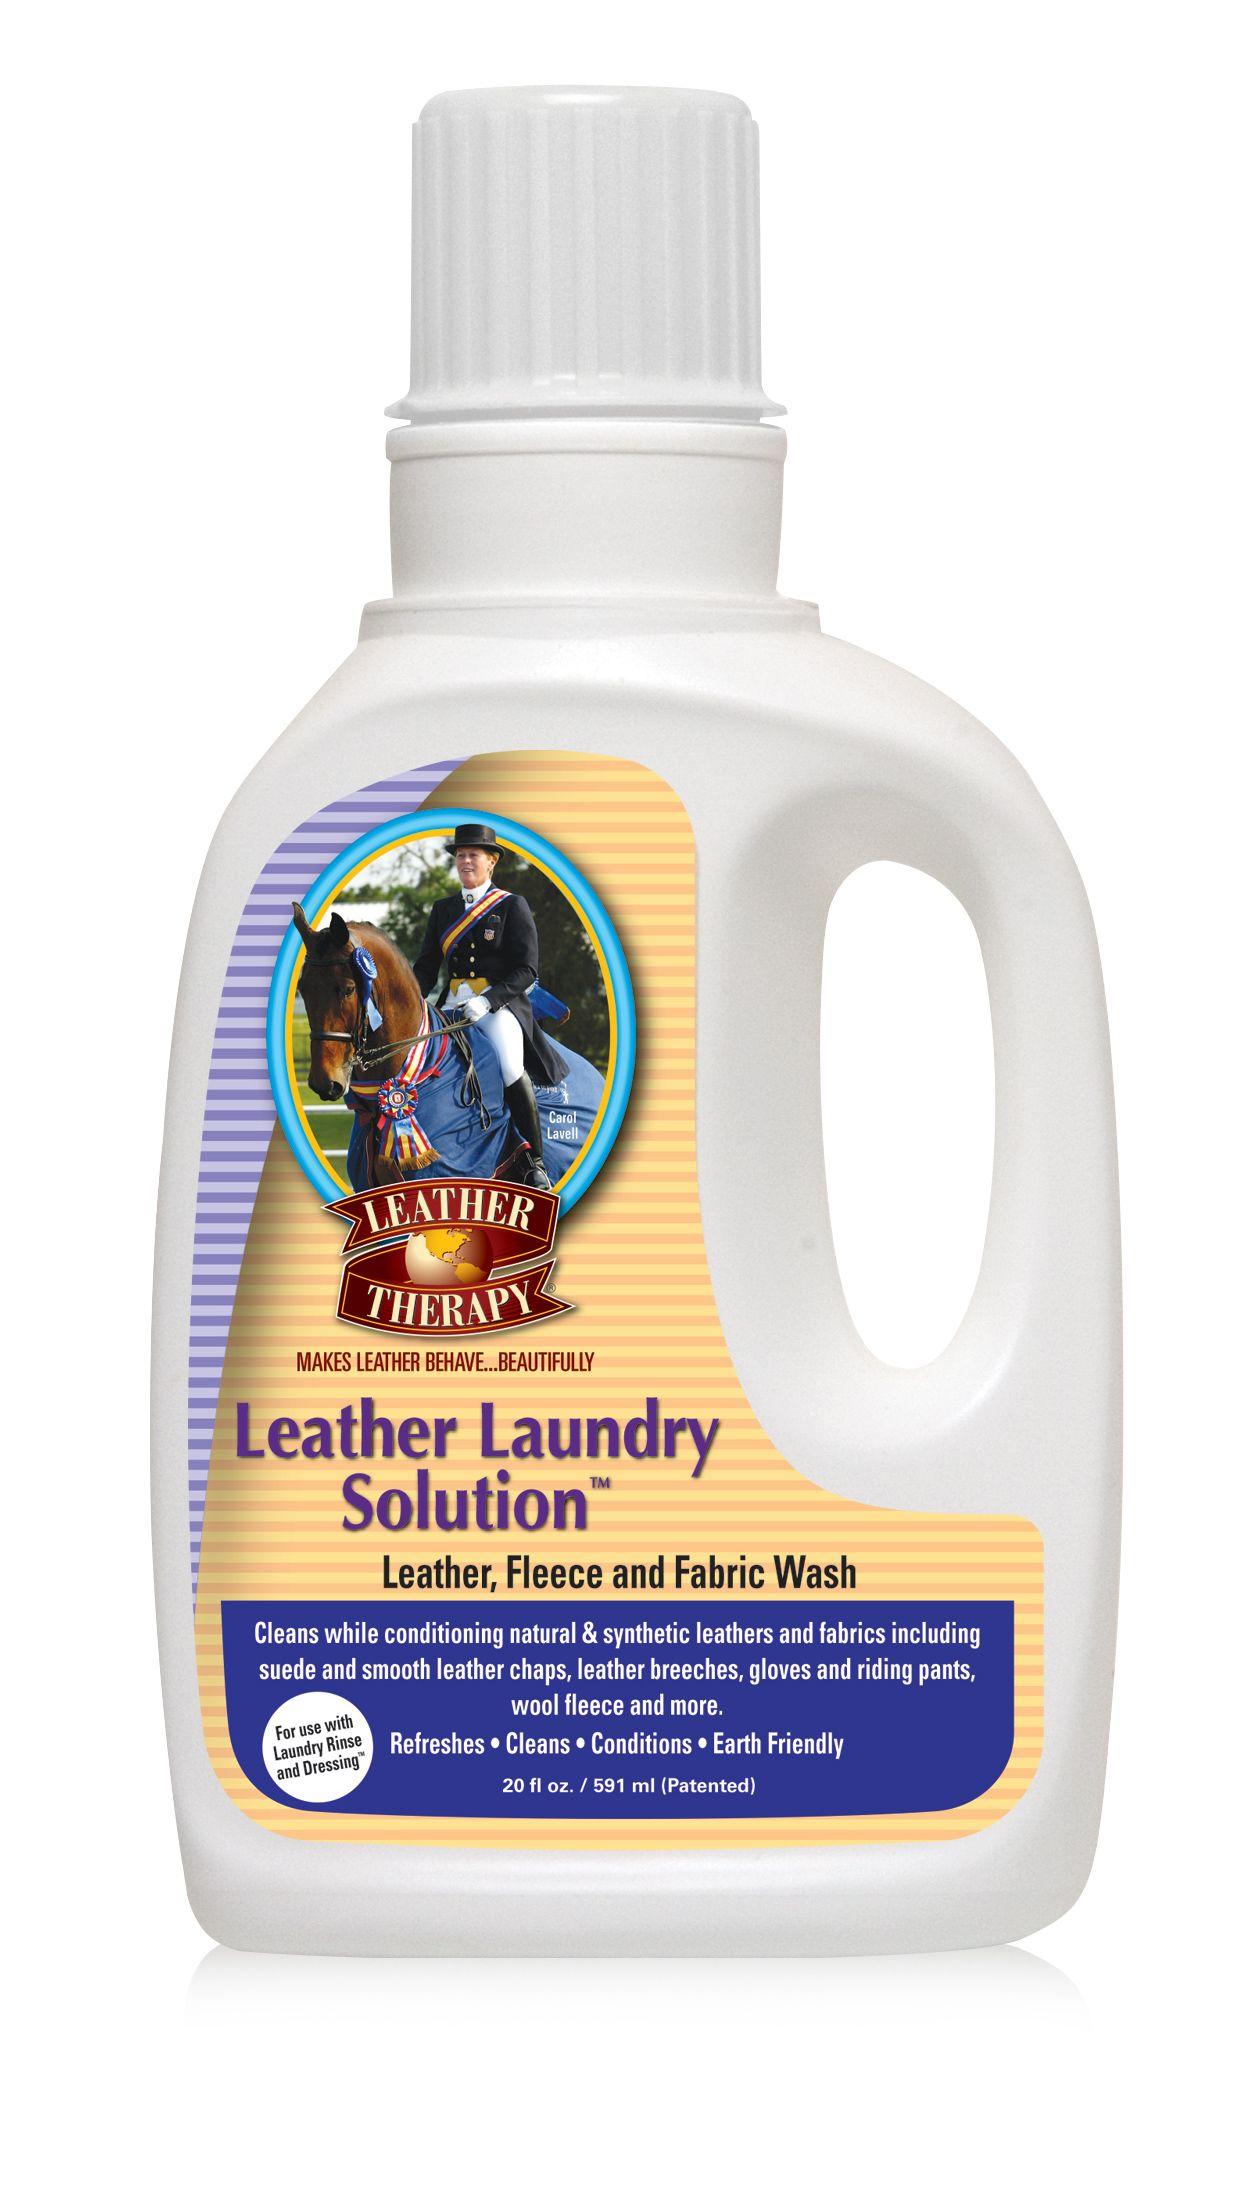 Leather Therapy Lederpflegemittel von Absorbine